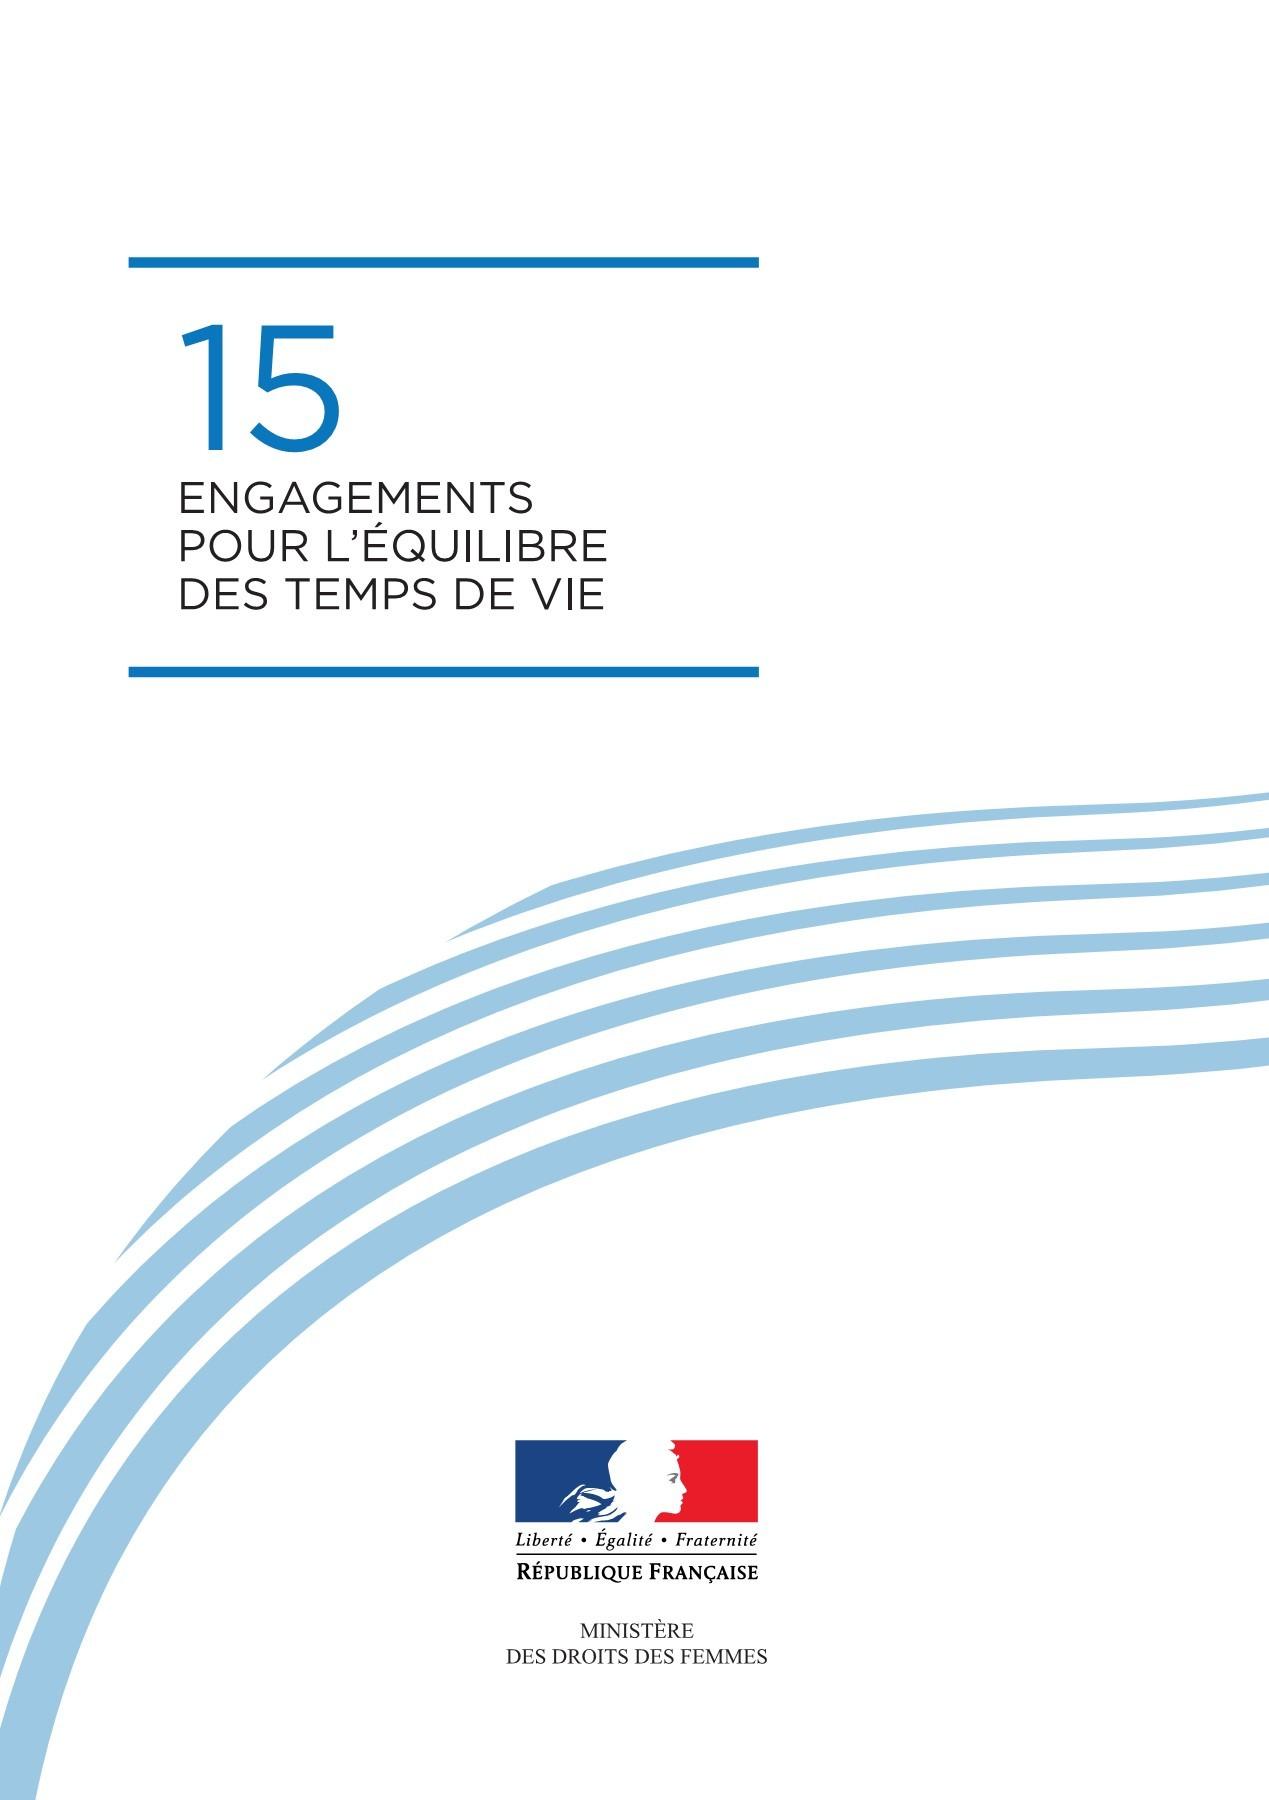 Vignette document Charte des 15 engagements pour l'équilibre des temps de vie